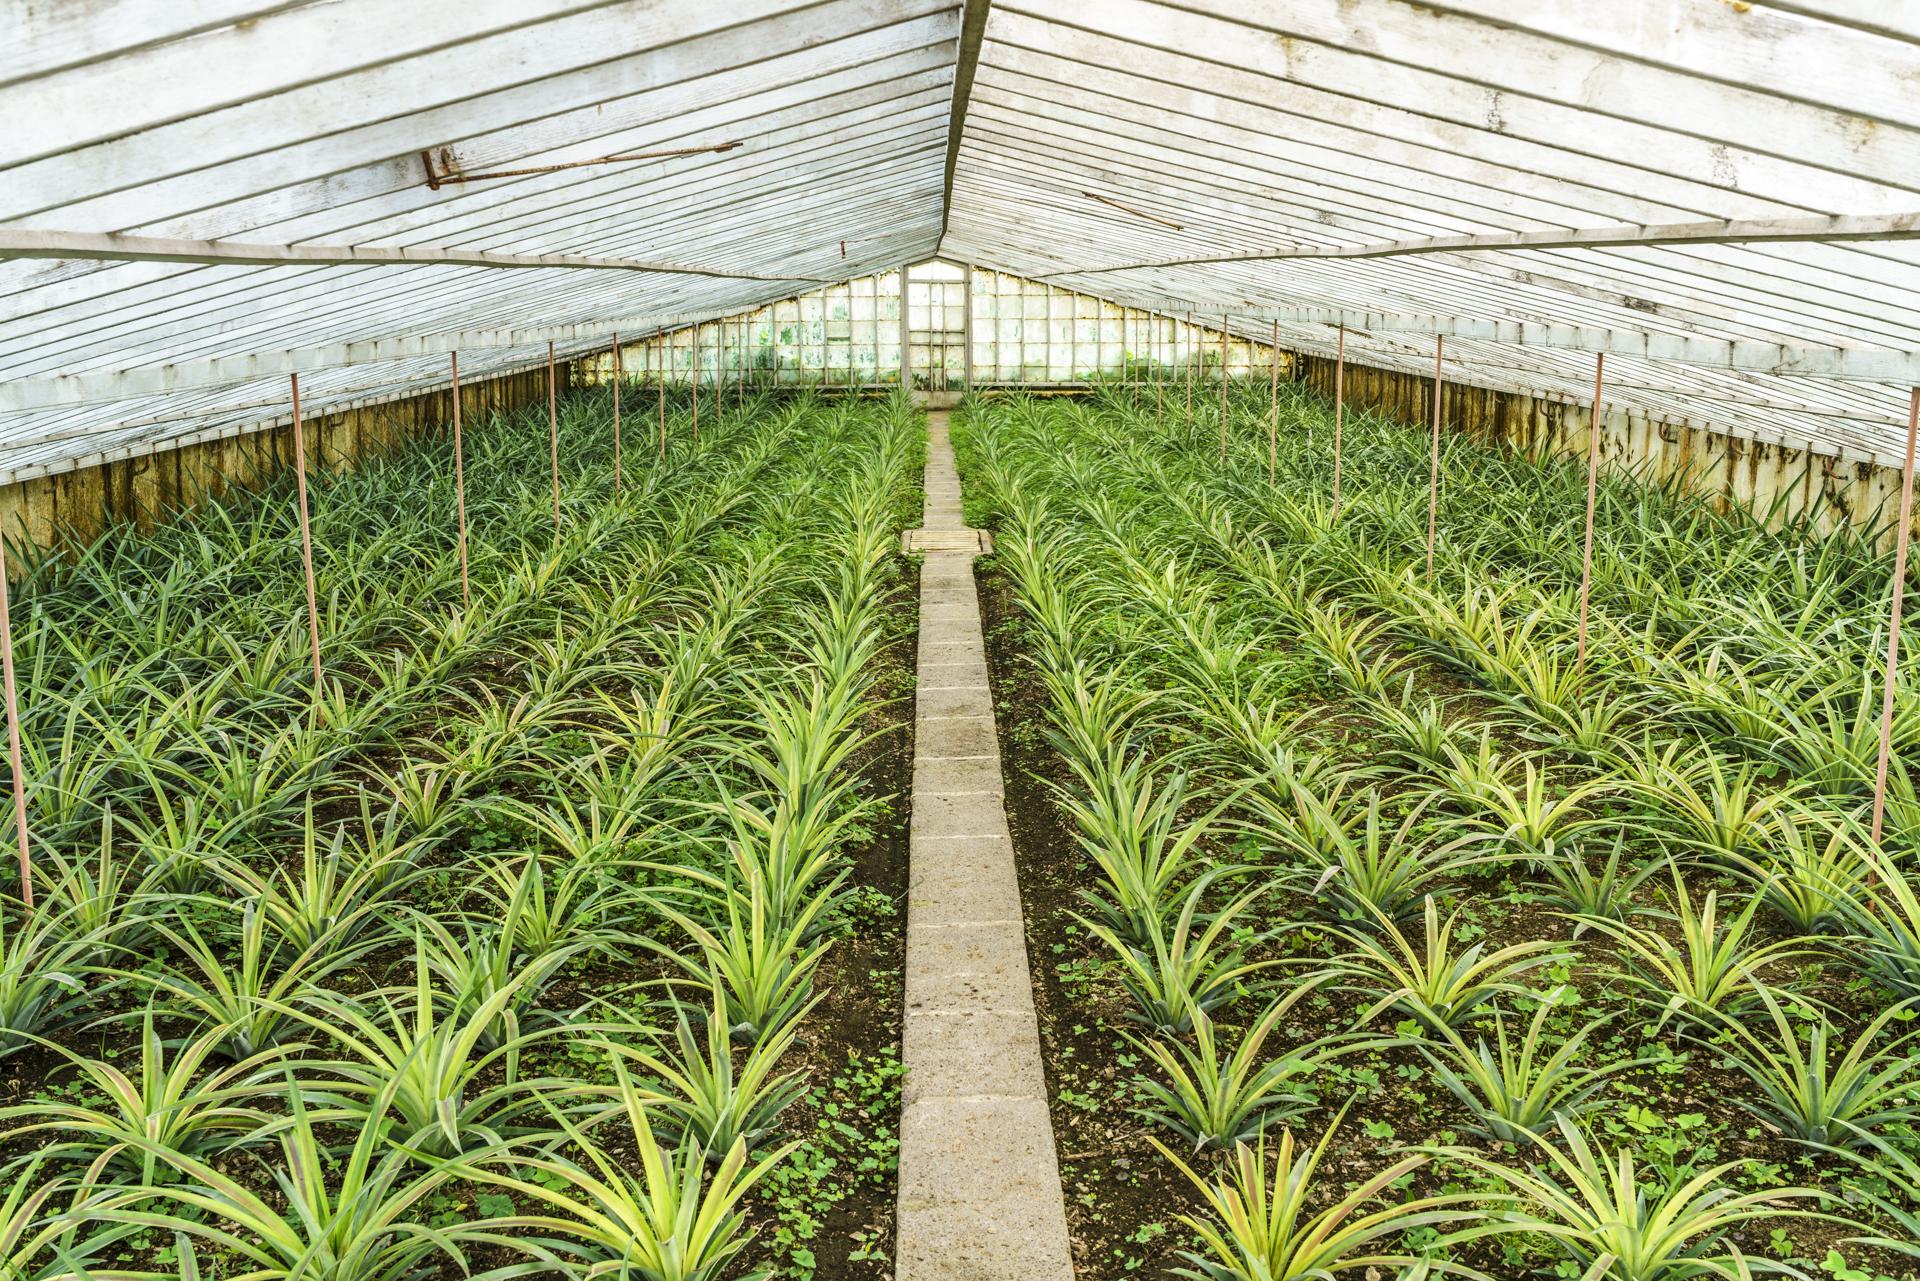 Ananases A Arruda